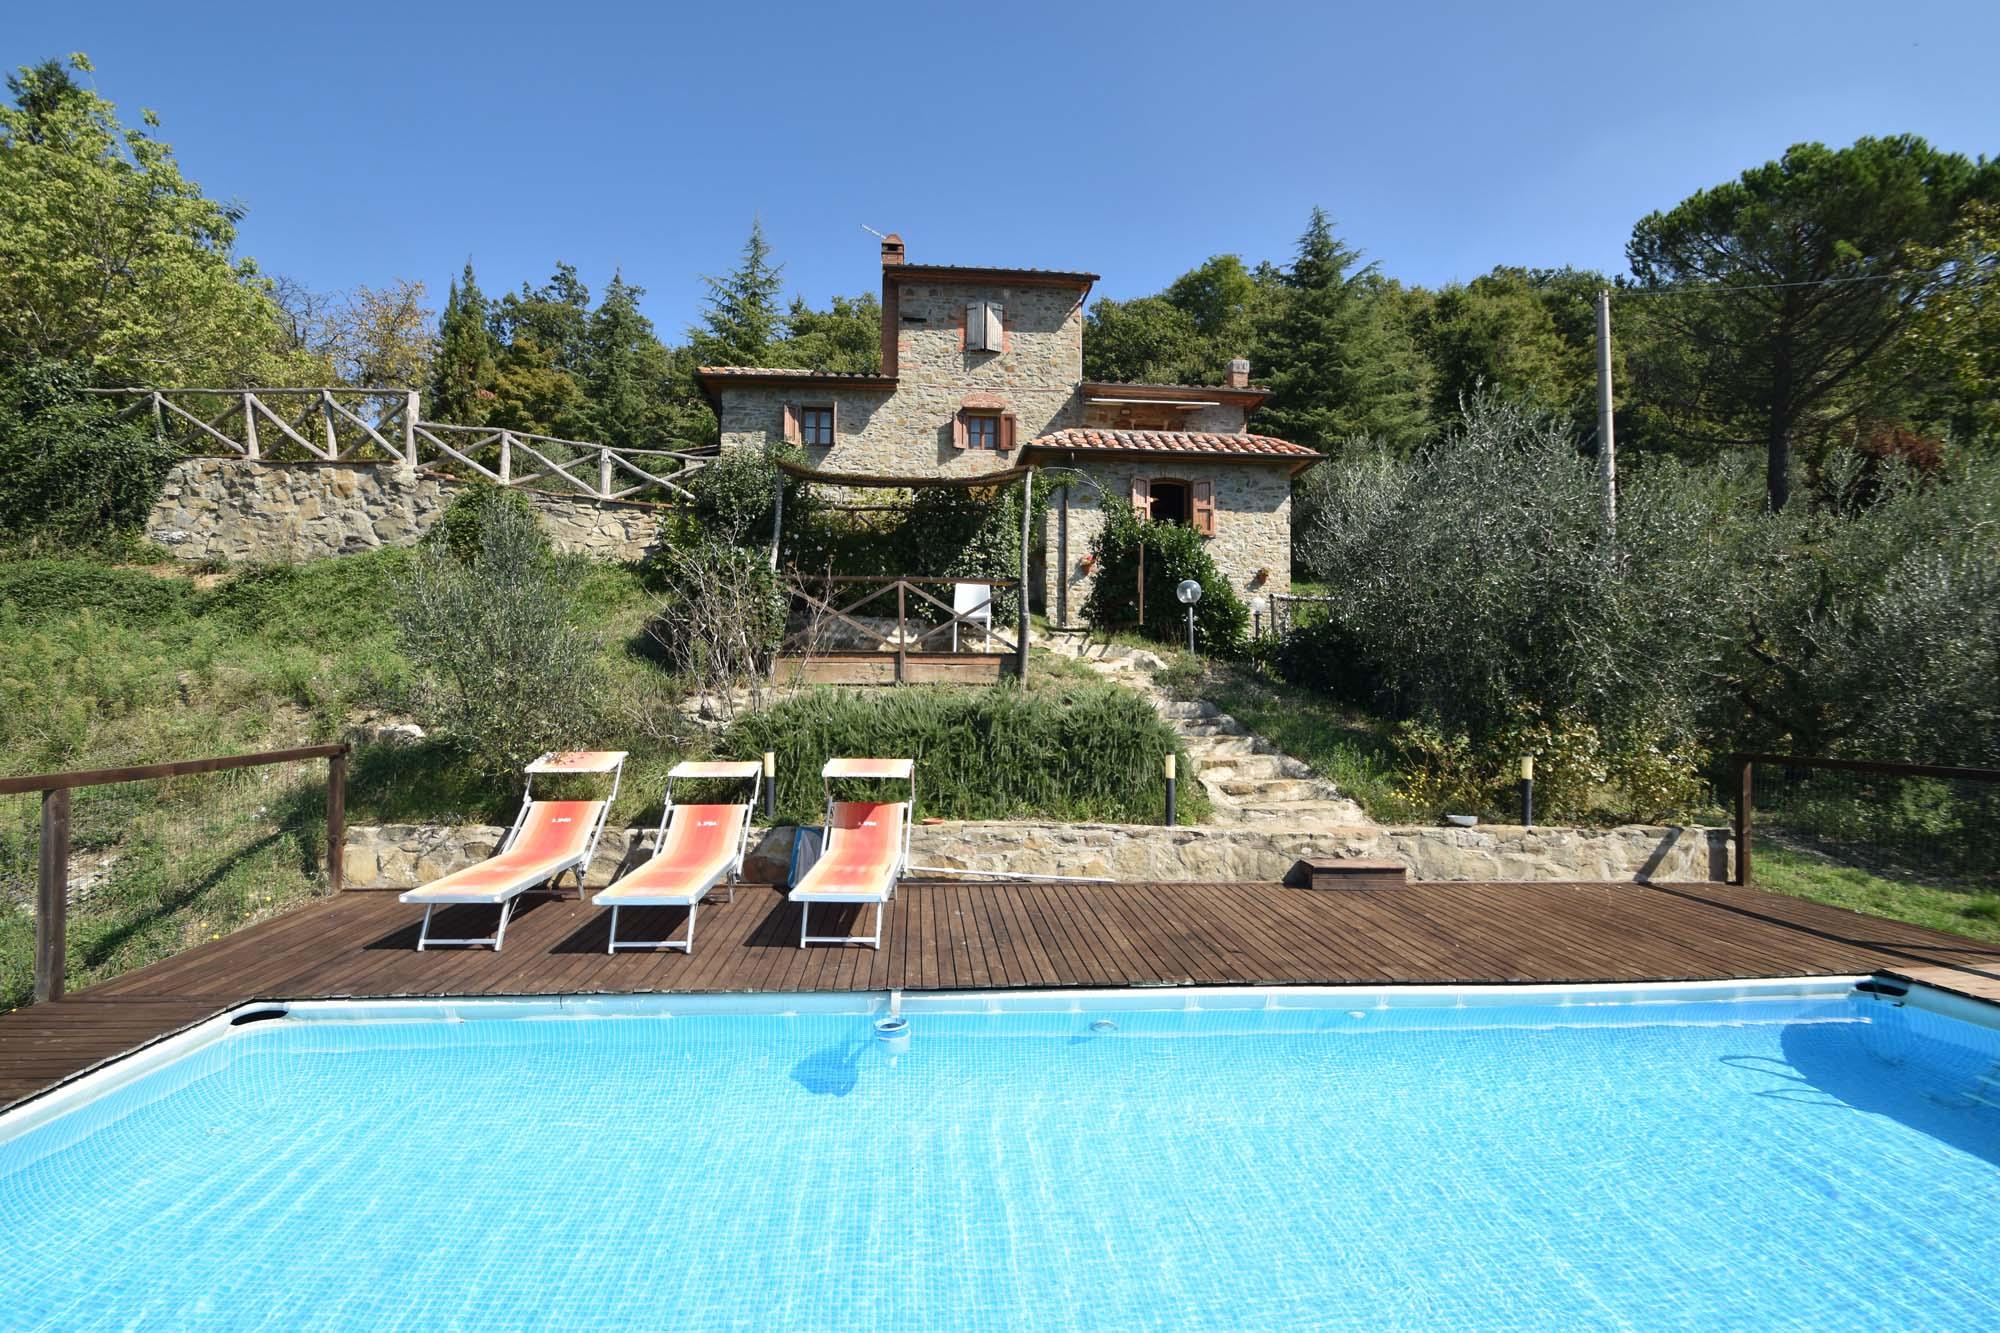 Vakantiehuis in Arezzo met zwembad, in Toscane.